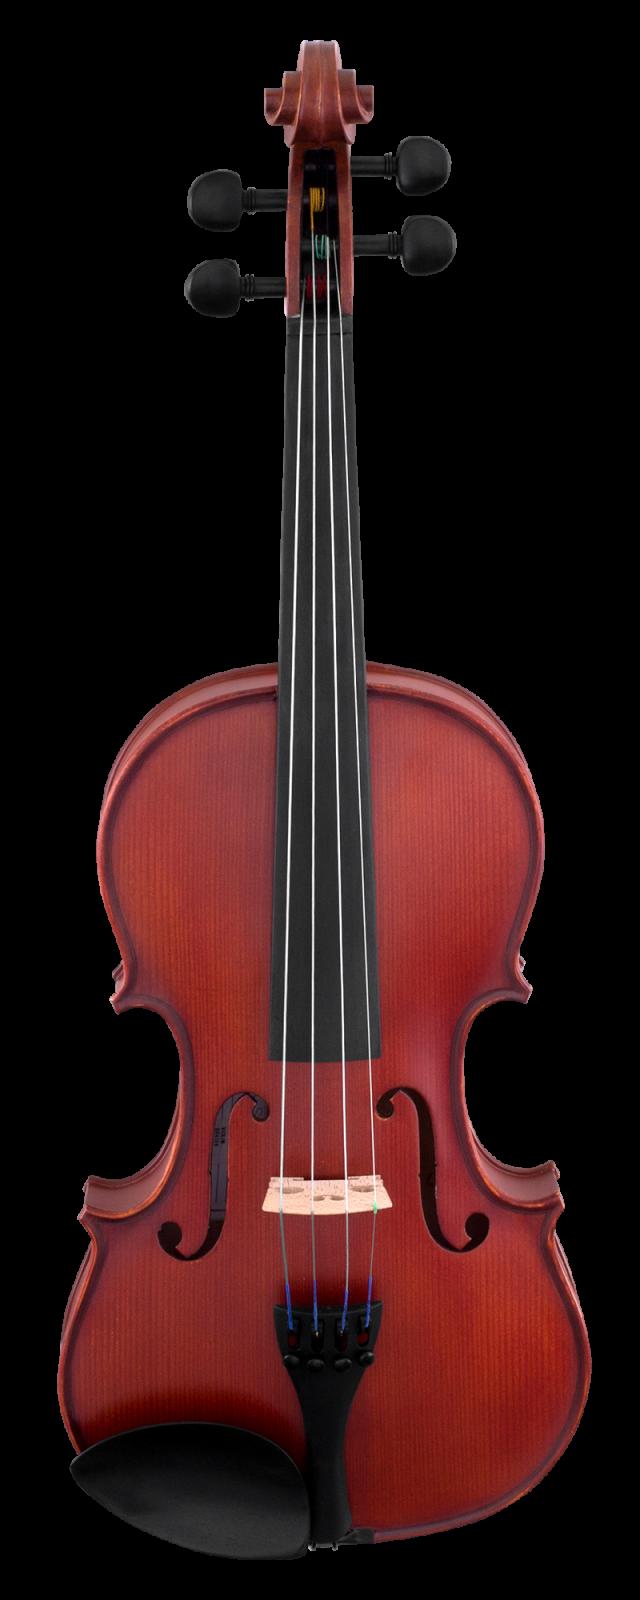 Scherl & Roth SR41E Student Model Violin